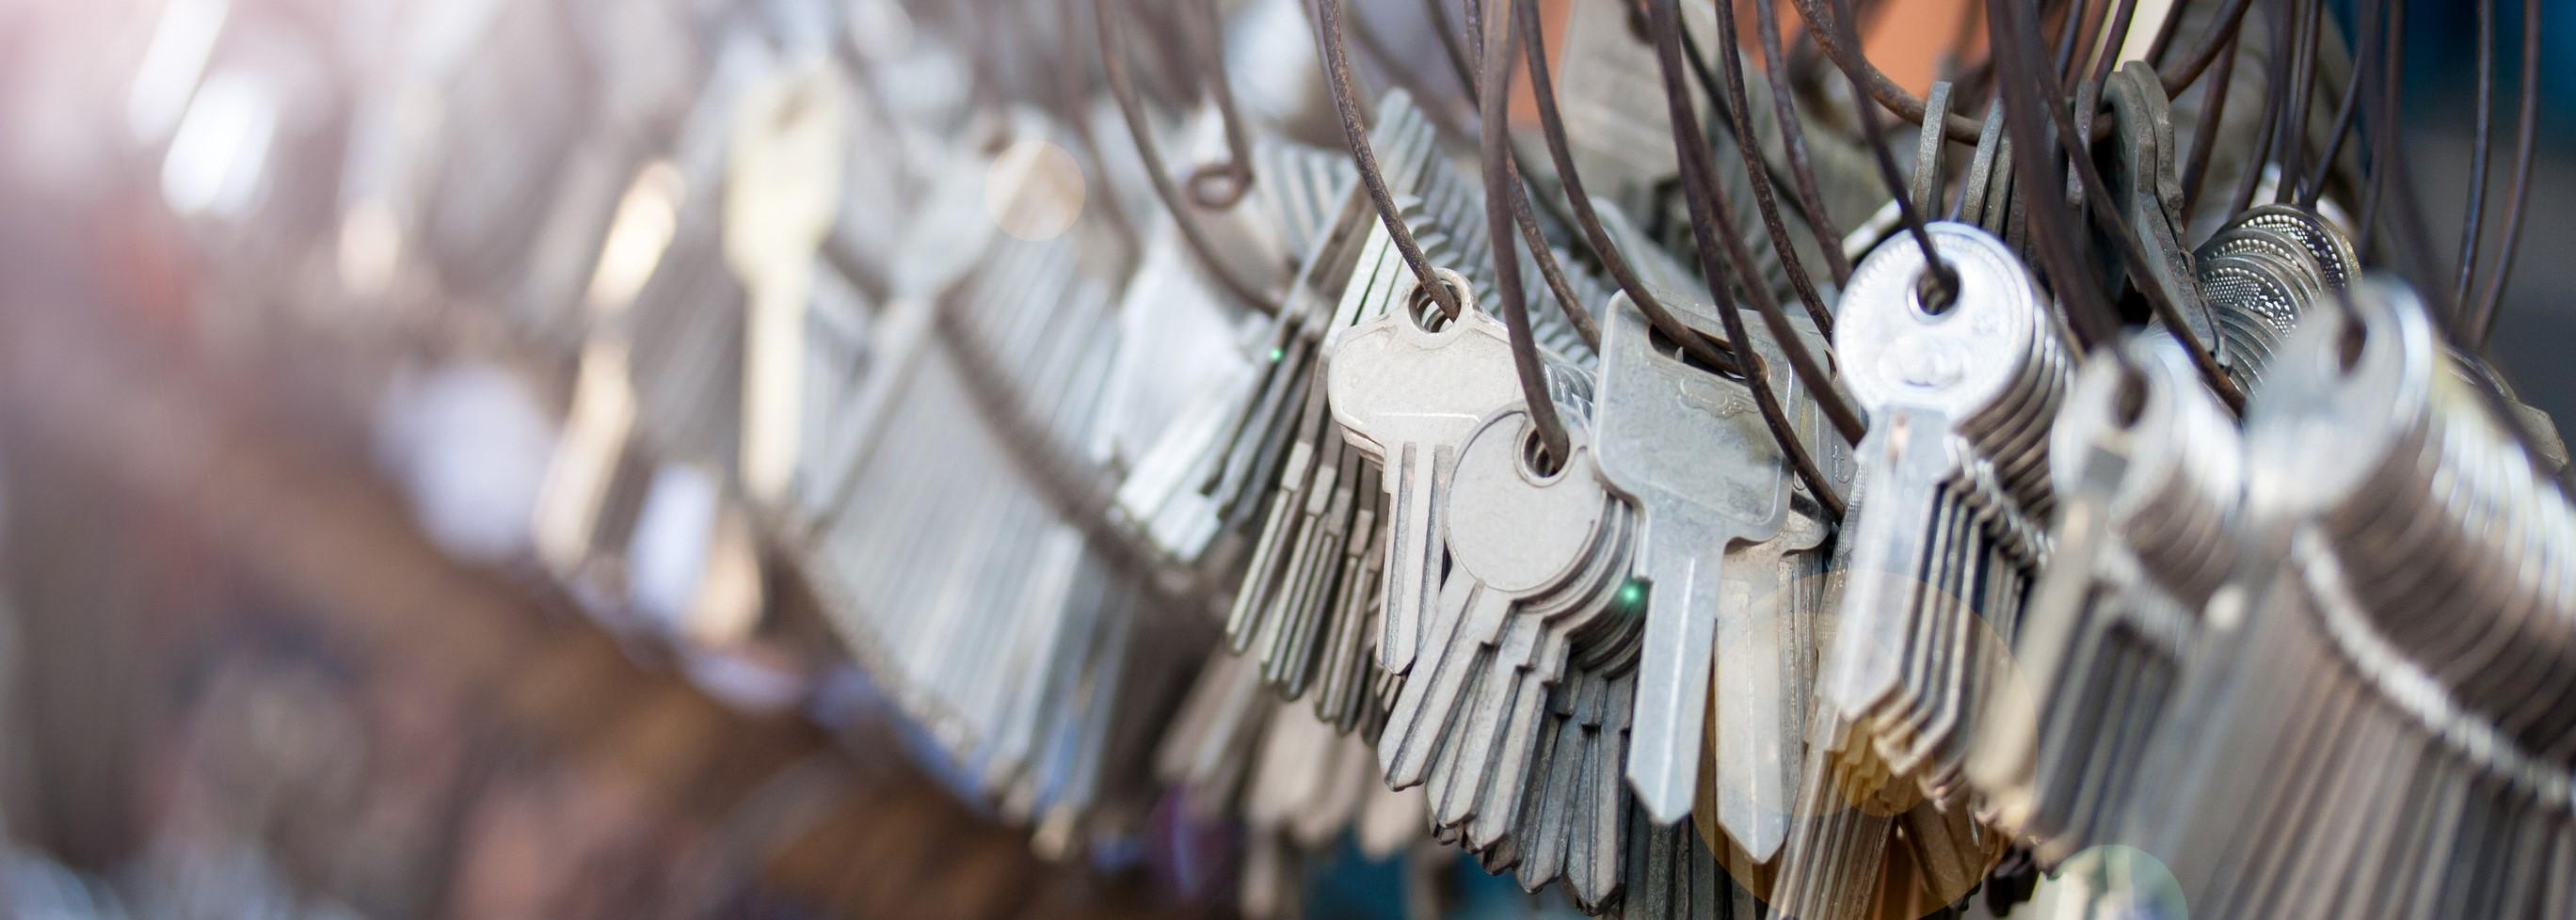 Poorly Done Locksmith Job Keys